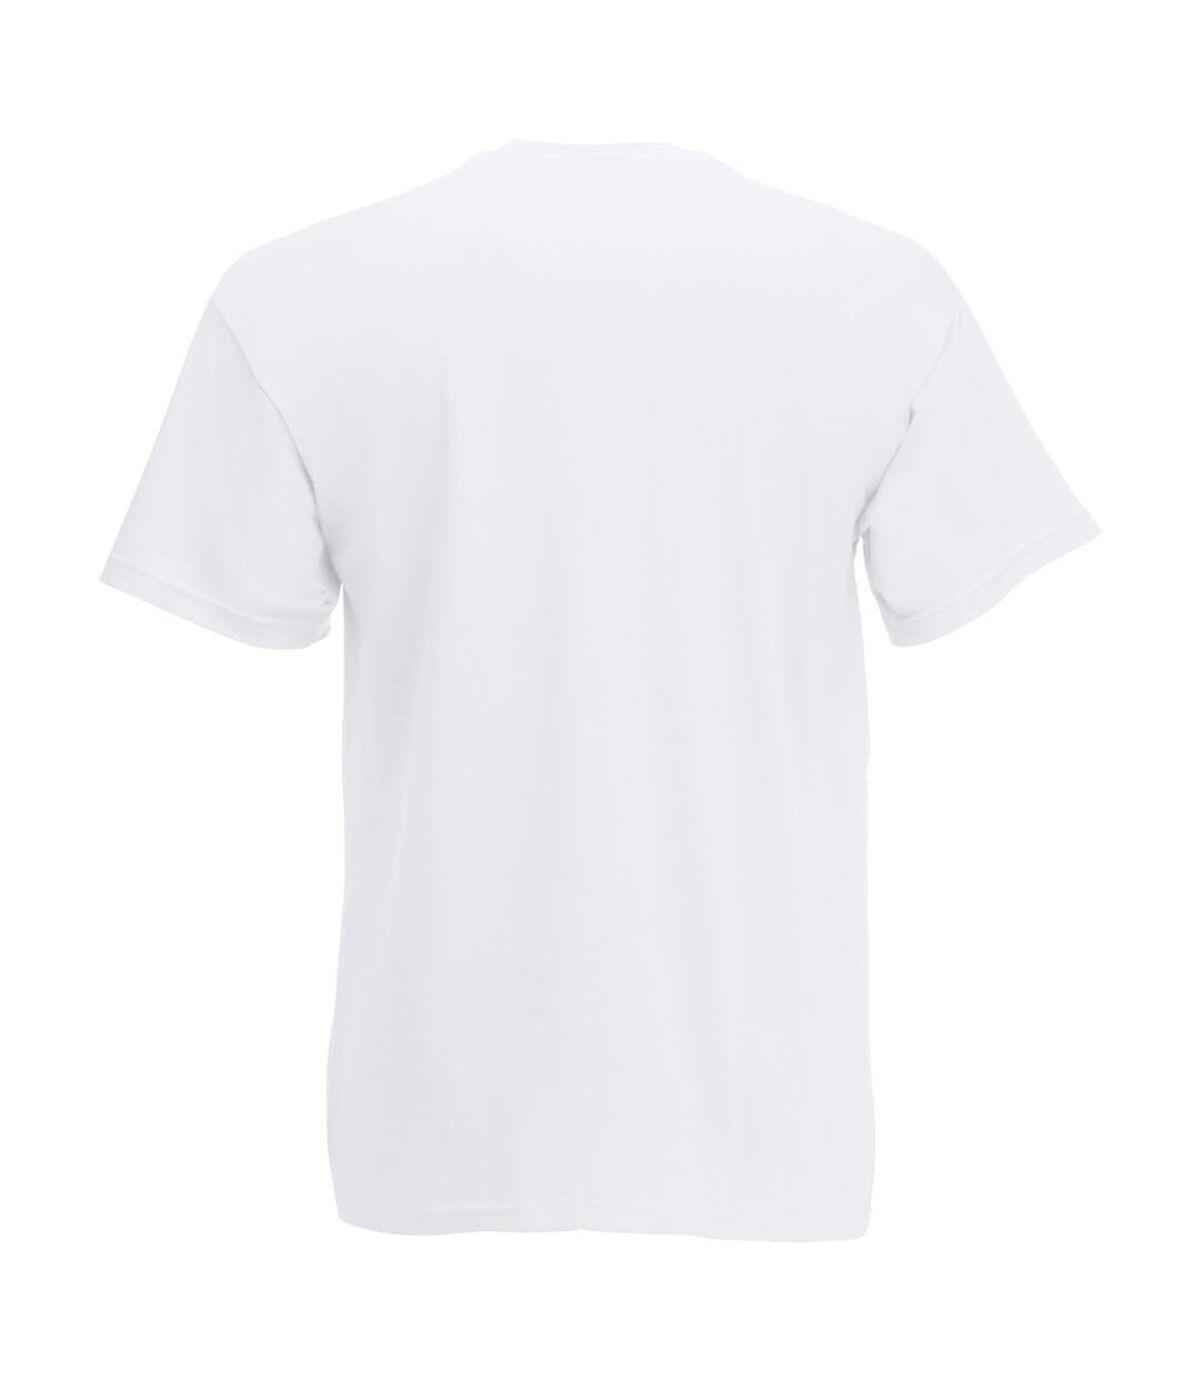 T-shirt à manches courtes - Homme (Neige) - UTBC3900